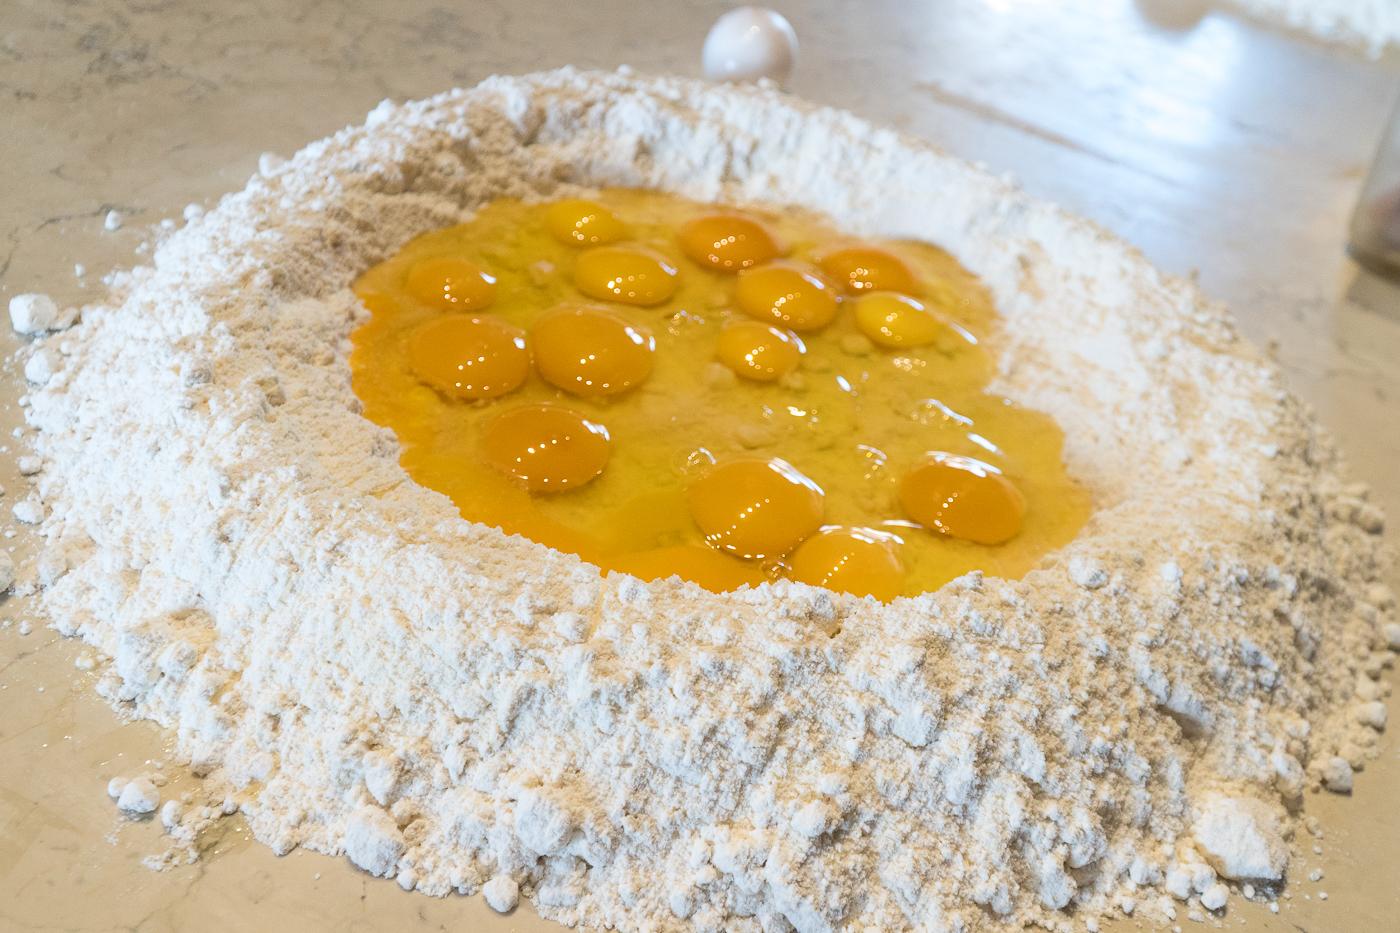 préparation du cours de cuisine de pâtes en Italie